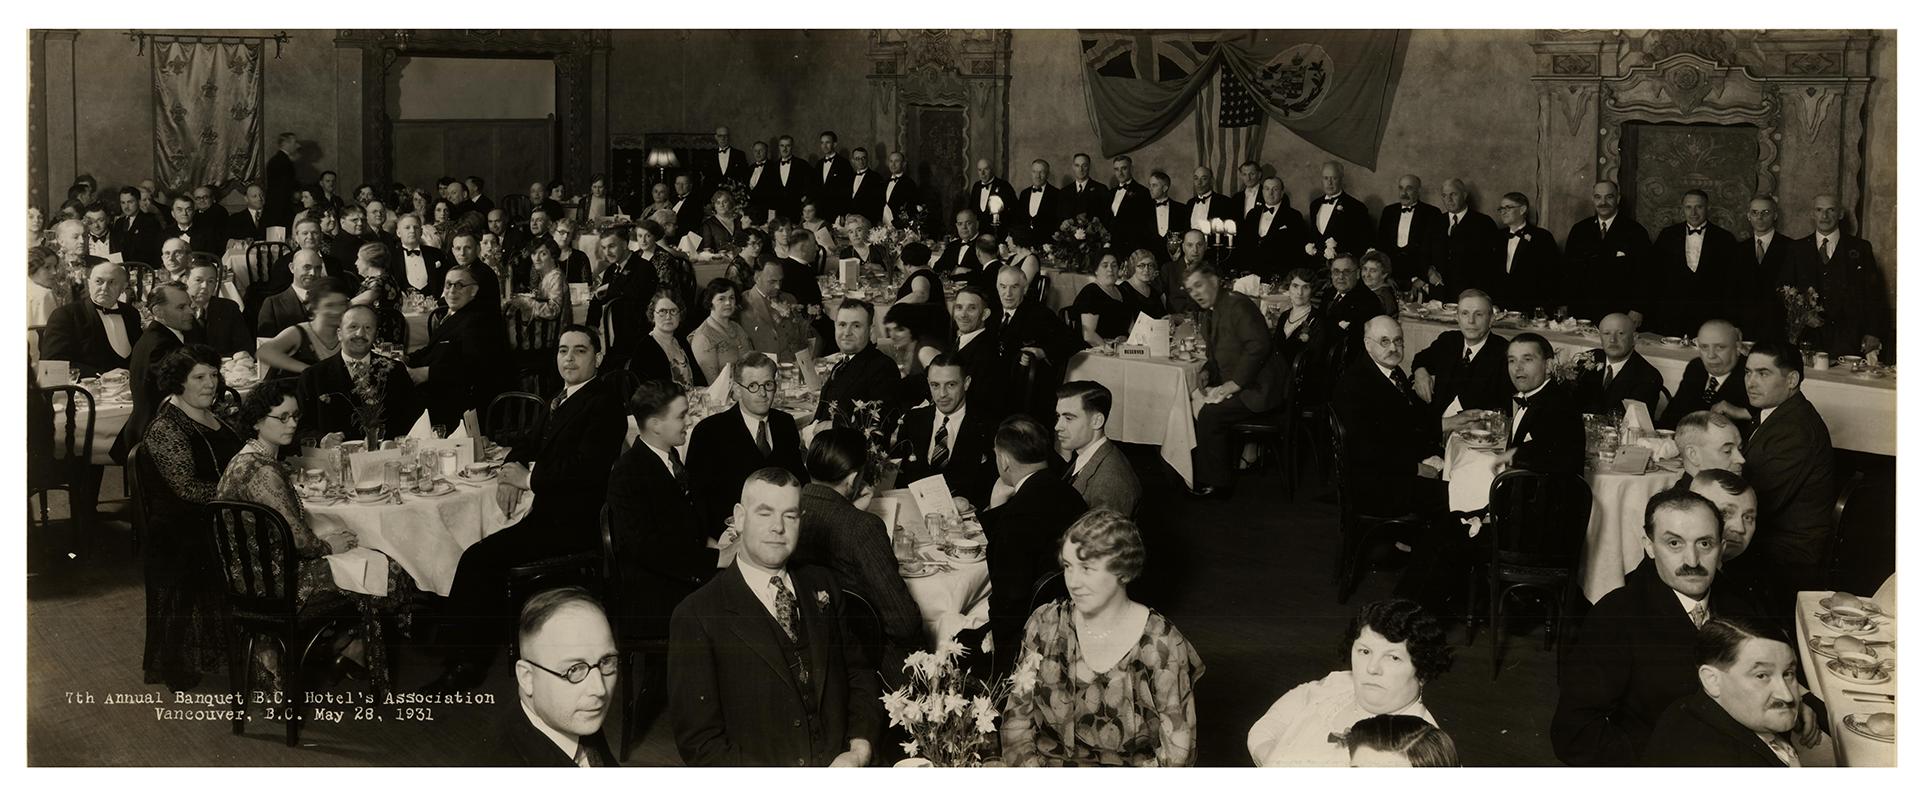 BCHA 7th Annual Banquet, 1931